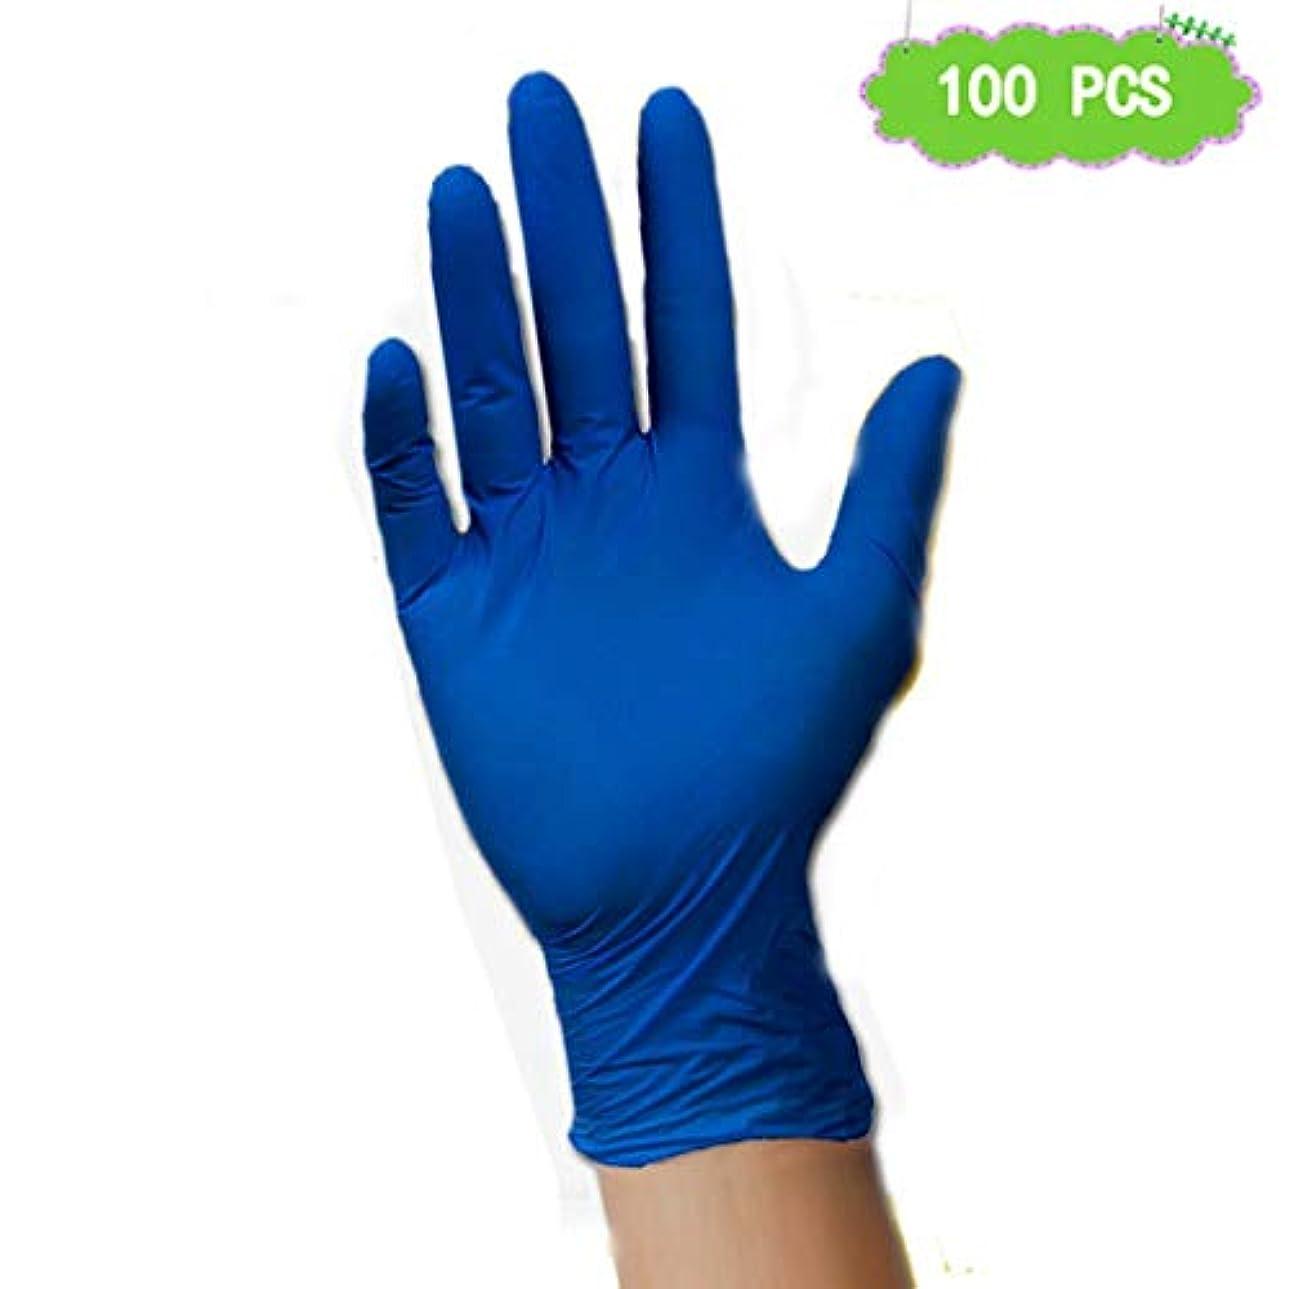 確立しますトースト拳ニトリル手袋、滑り止め使い捨て手袋厚くされた耐油性キッチン浴室の労働保険厚くなる美容院ラテックスフリー、ダークブルーパウダーフリー、100個 (Size : L)